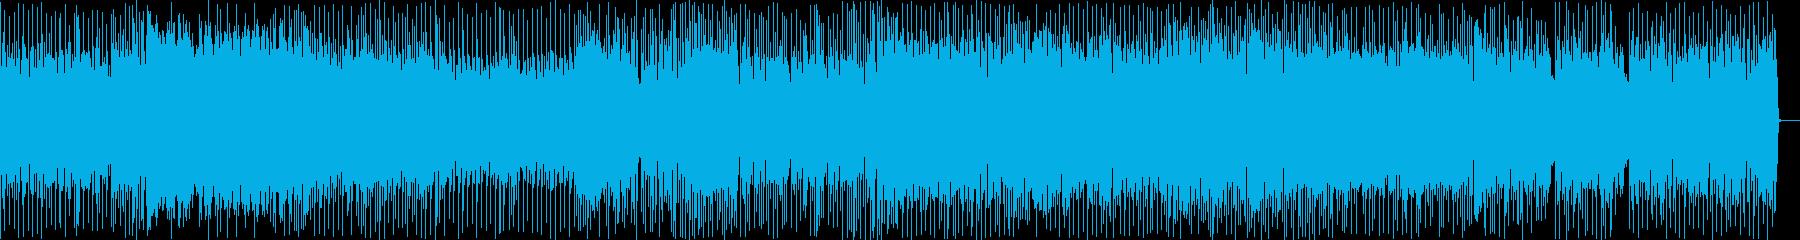 ゲームに合いそうなテクノポップの再生済みの波形